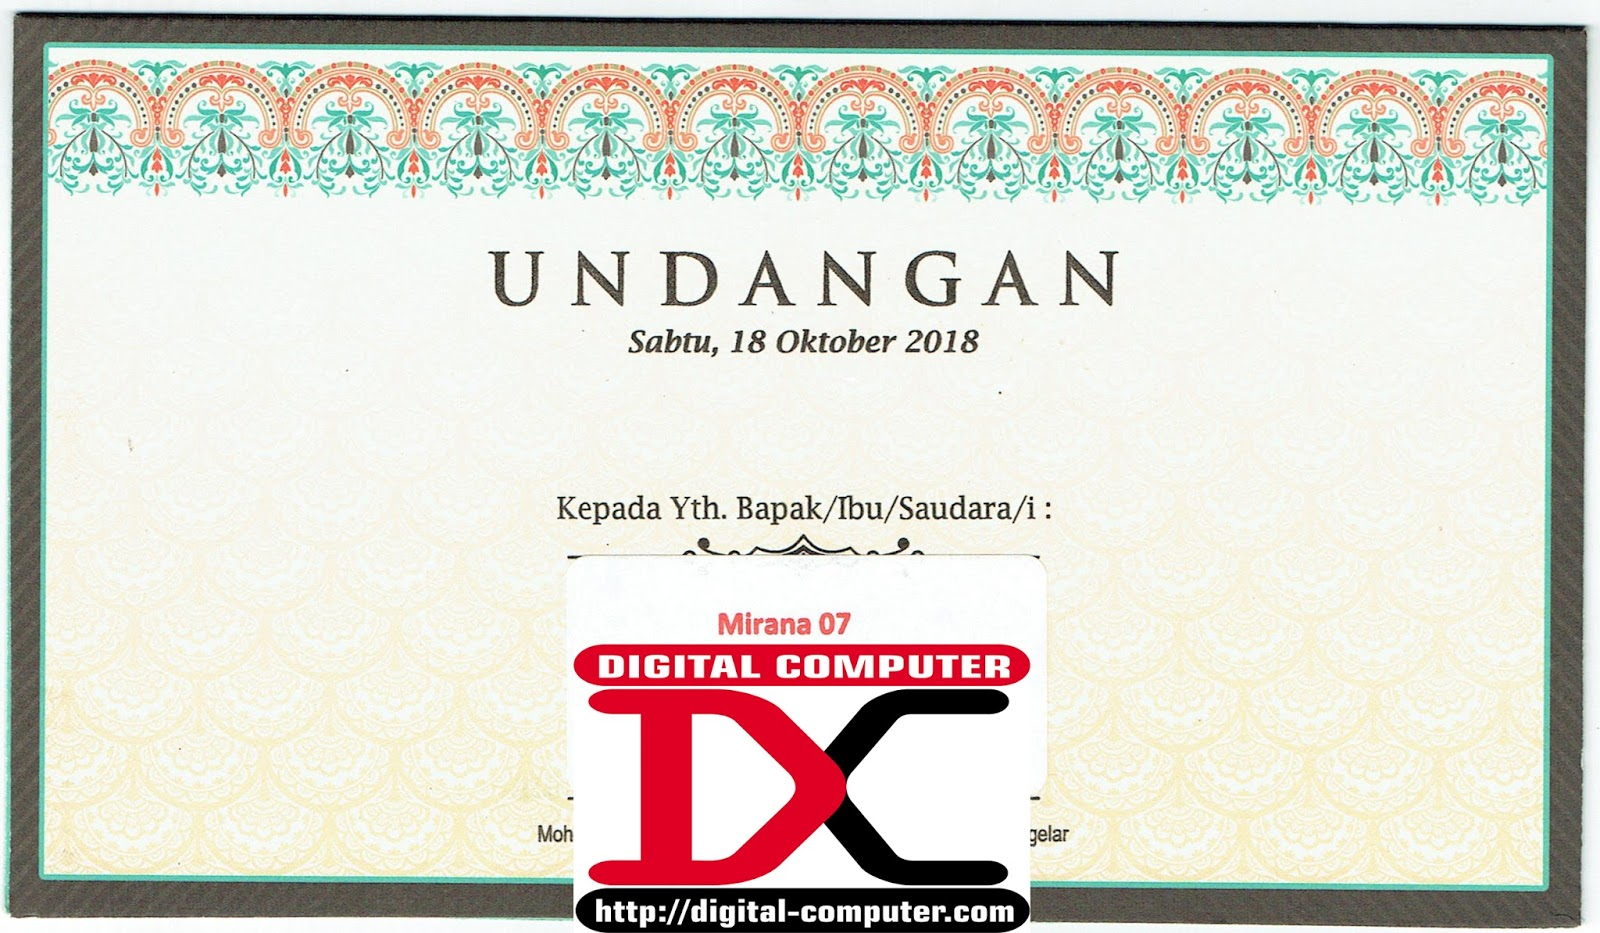 undangan pernikahan harga 2600 rupiah